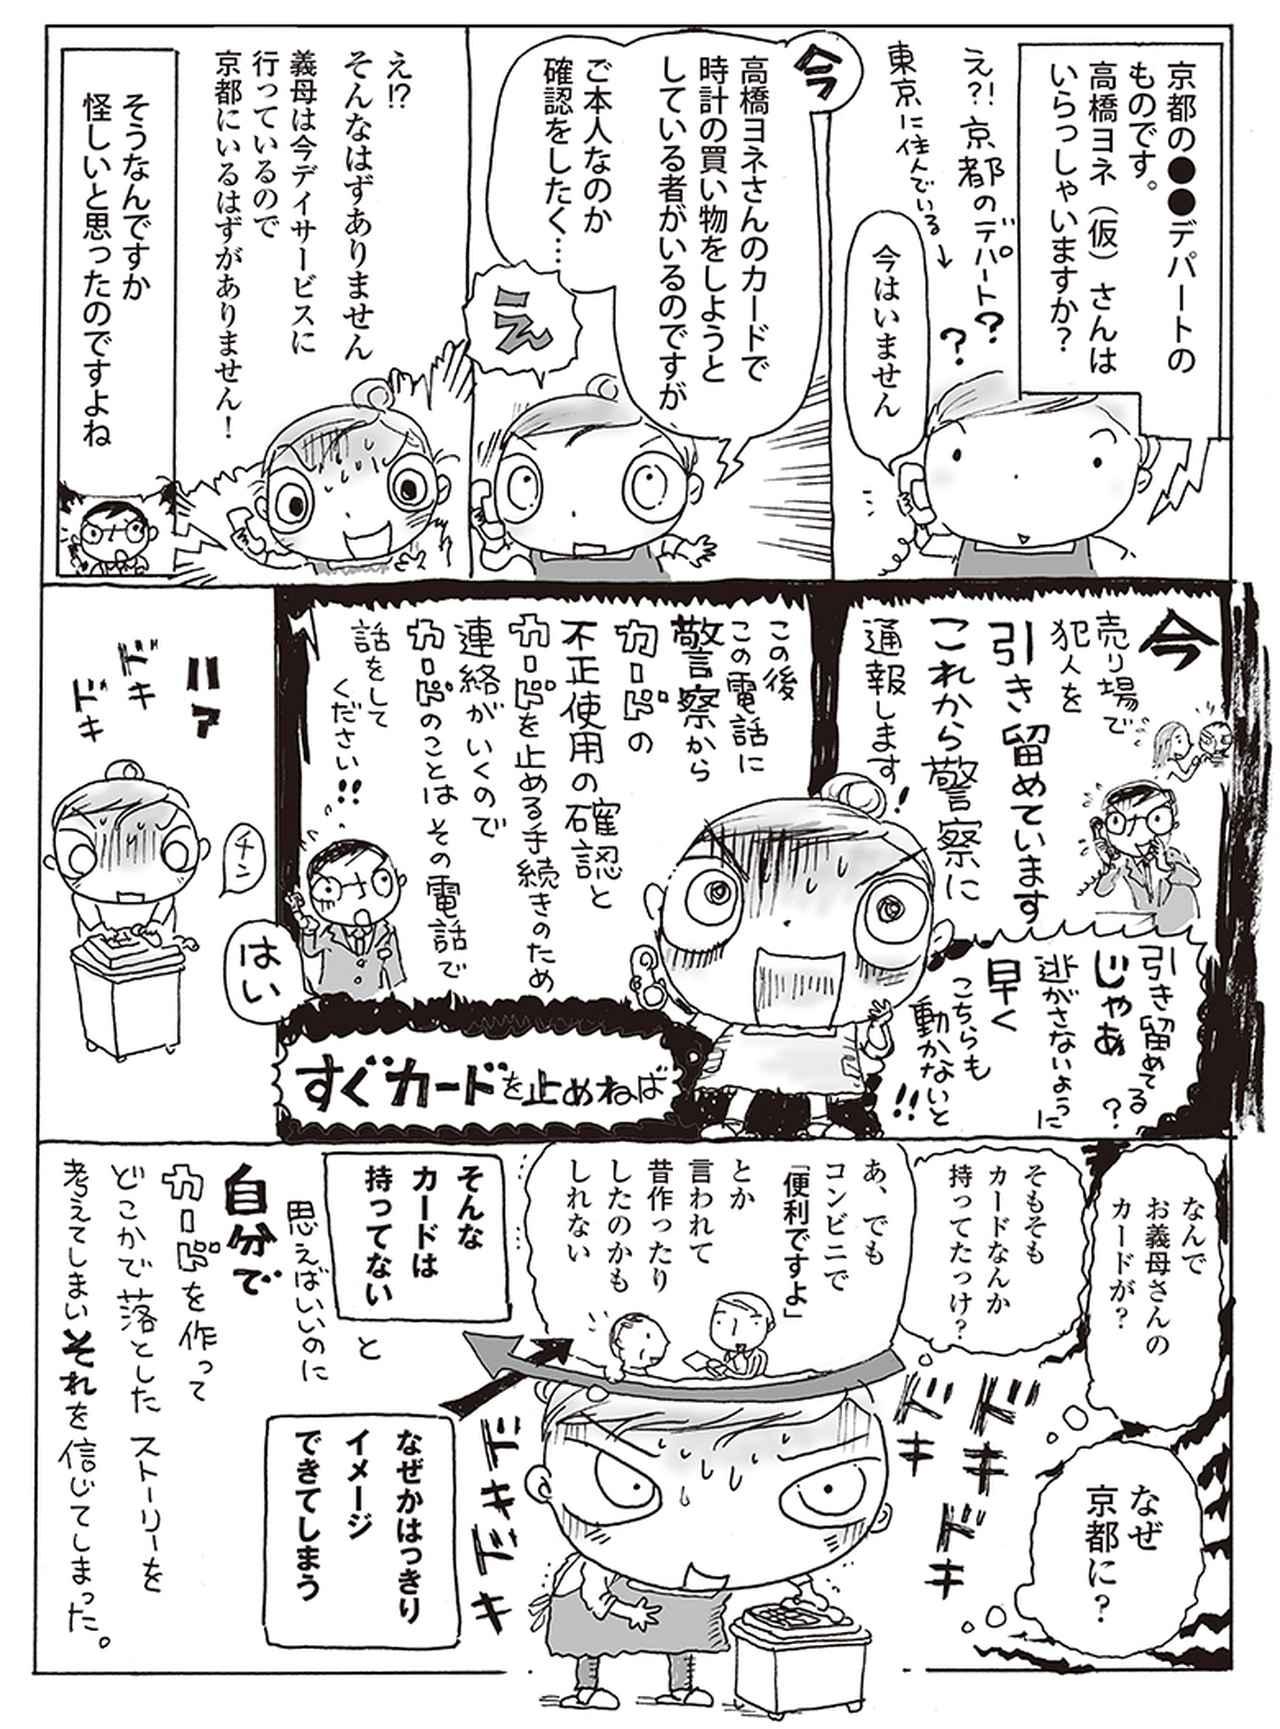 画像2: 【実録マンガ】 引っ掛かりかけたよ!ニセ電話詐欺!